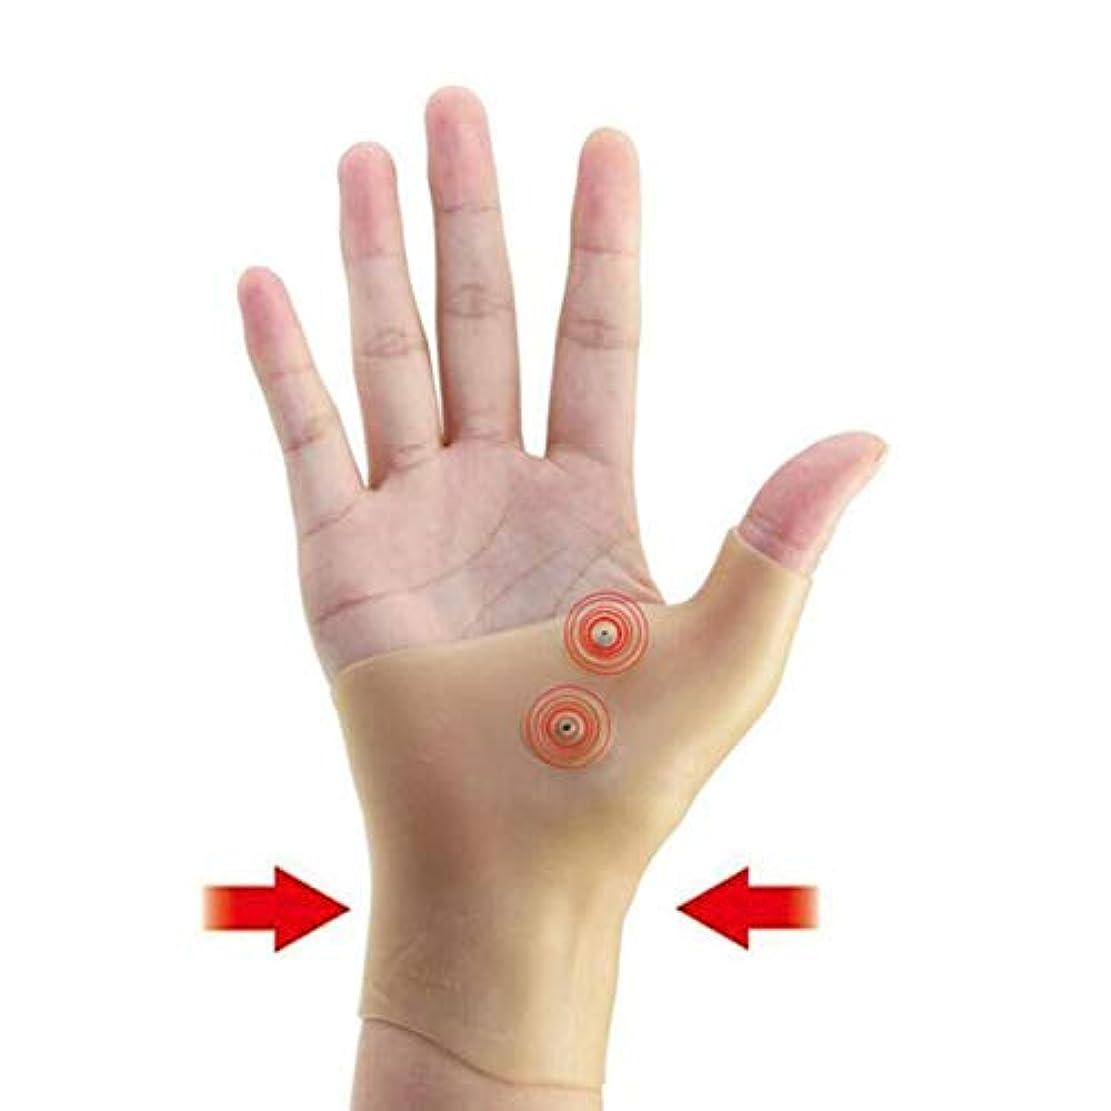 計算衣服臭い友美 磁気療法の手首の親指サポート手袋のシリコーンのゲルのマッサージの苦痛救助